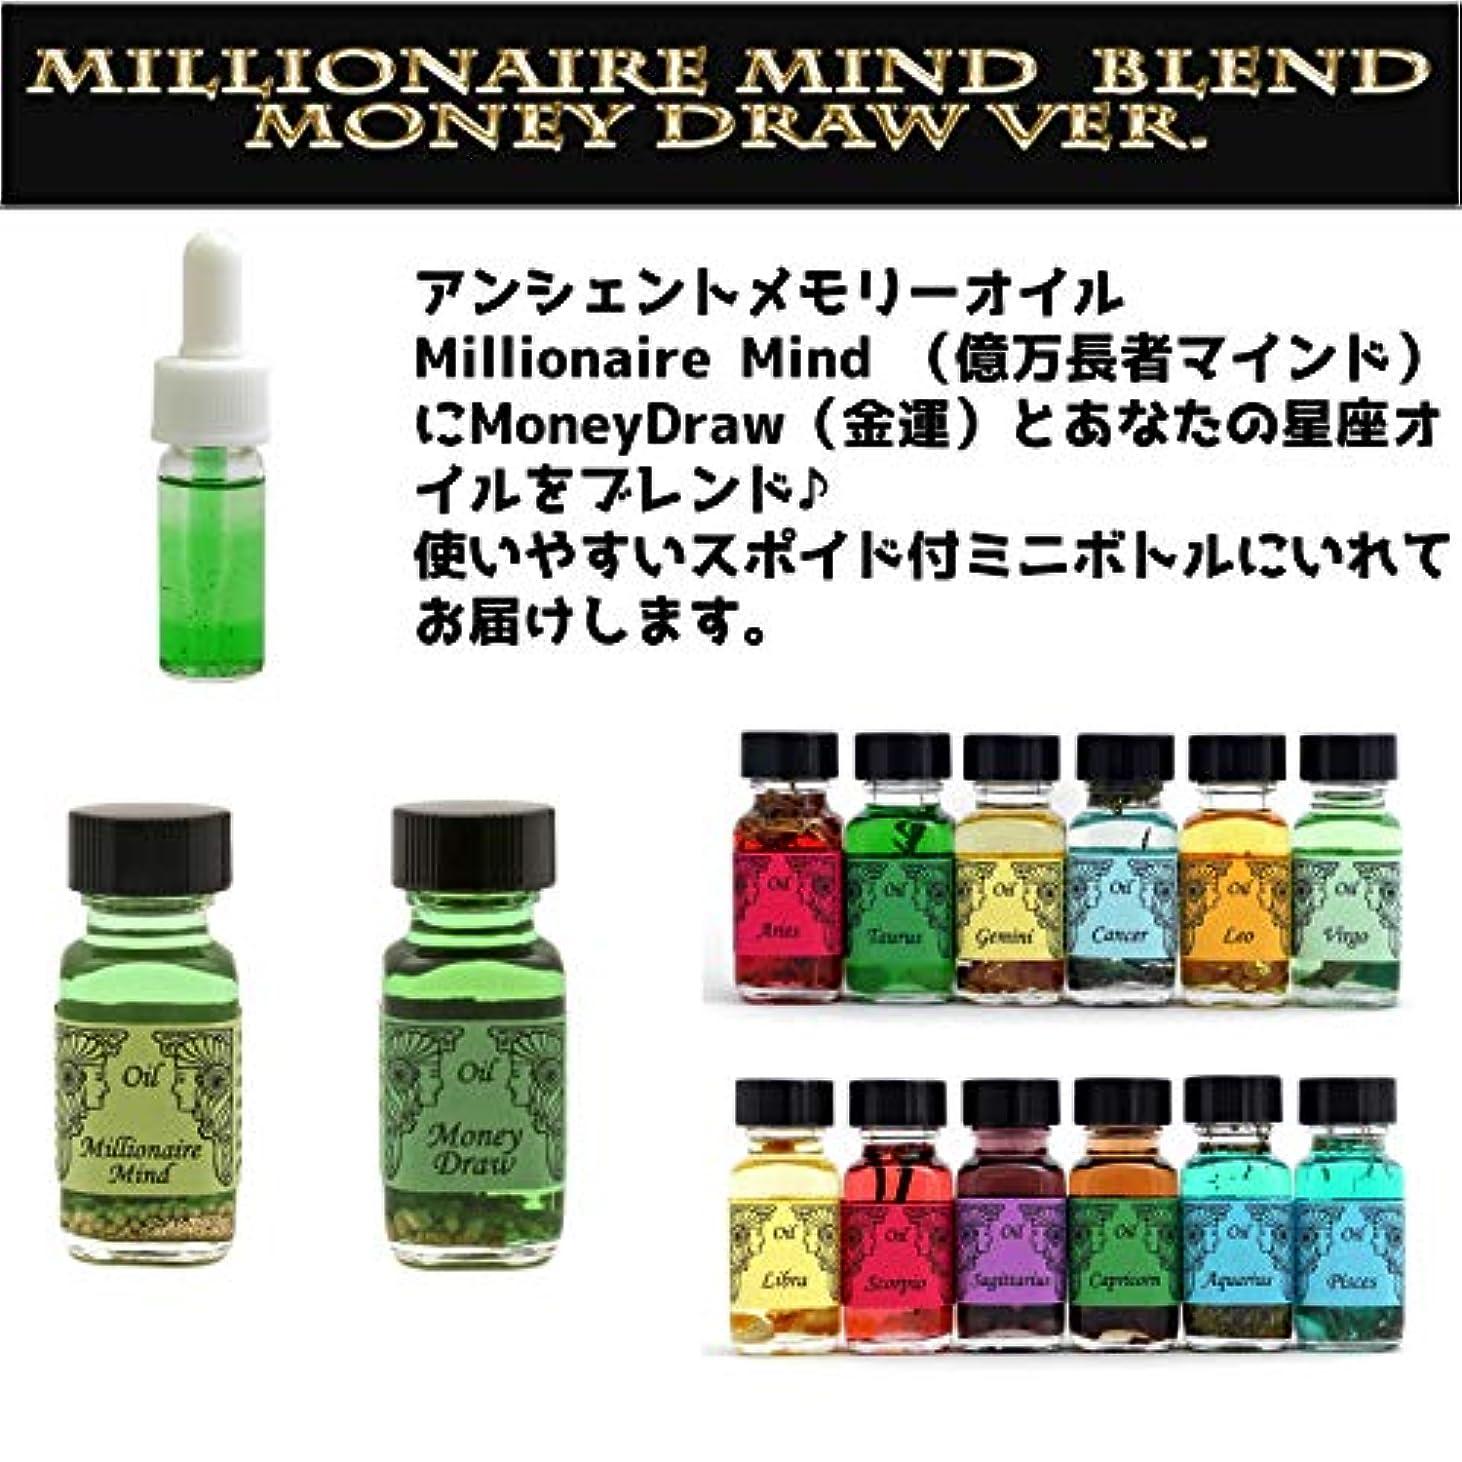 暗くする第二教アンシェントメモリーオイル Millionaire Mind 億万長者マインド ブレンド(Money Drawマネードロー(金運)&おとめ座